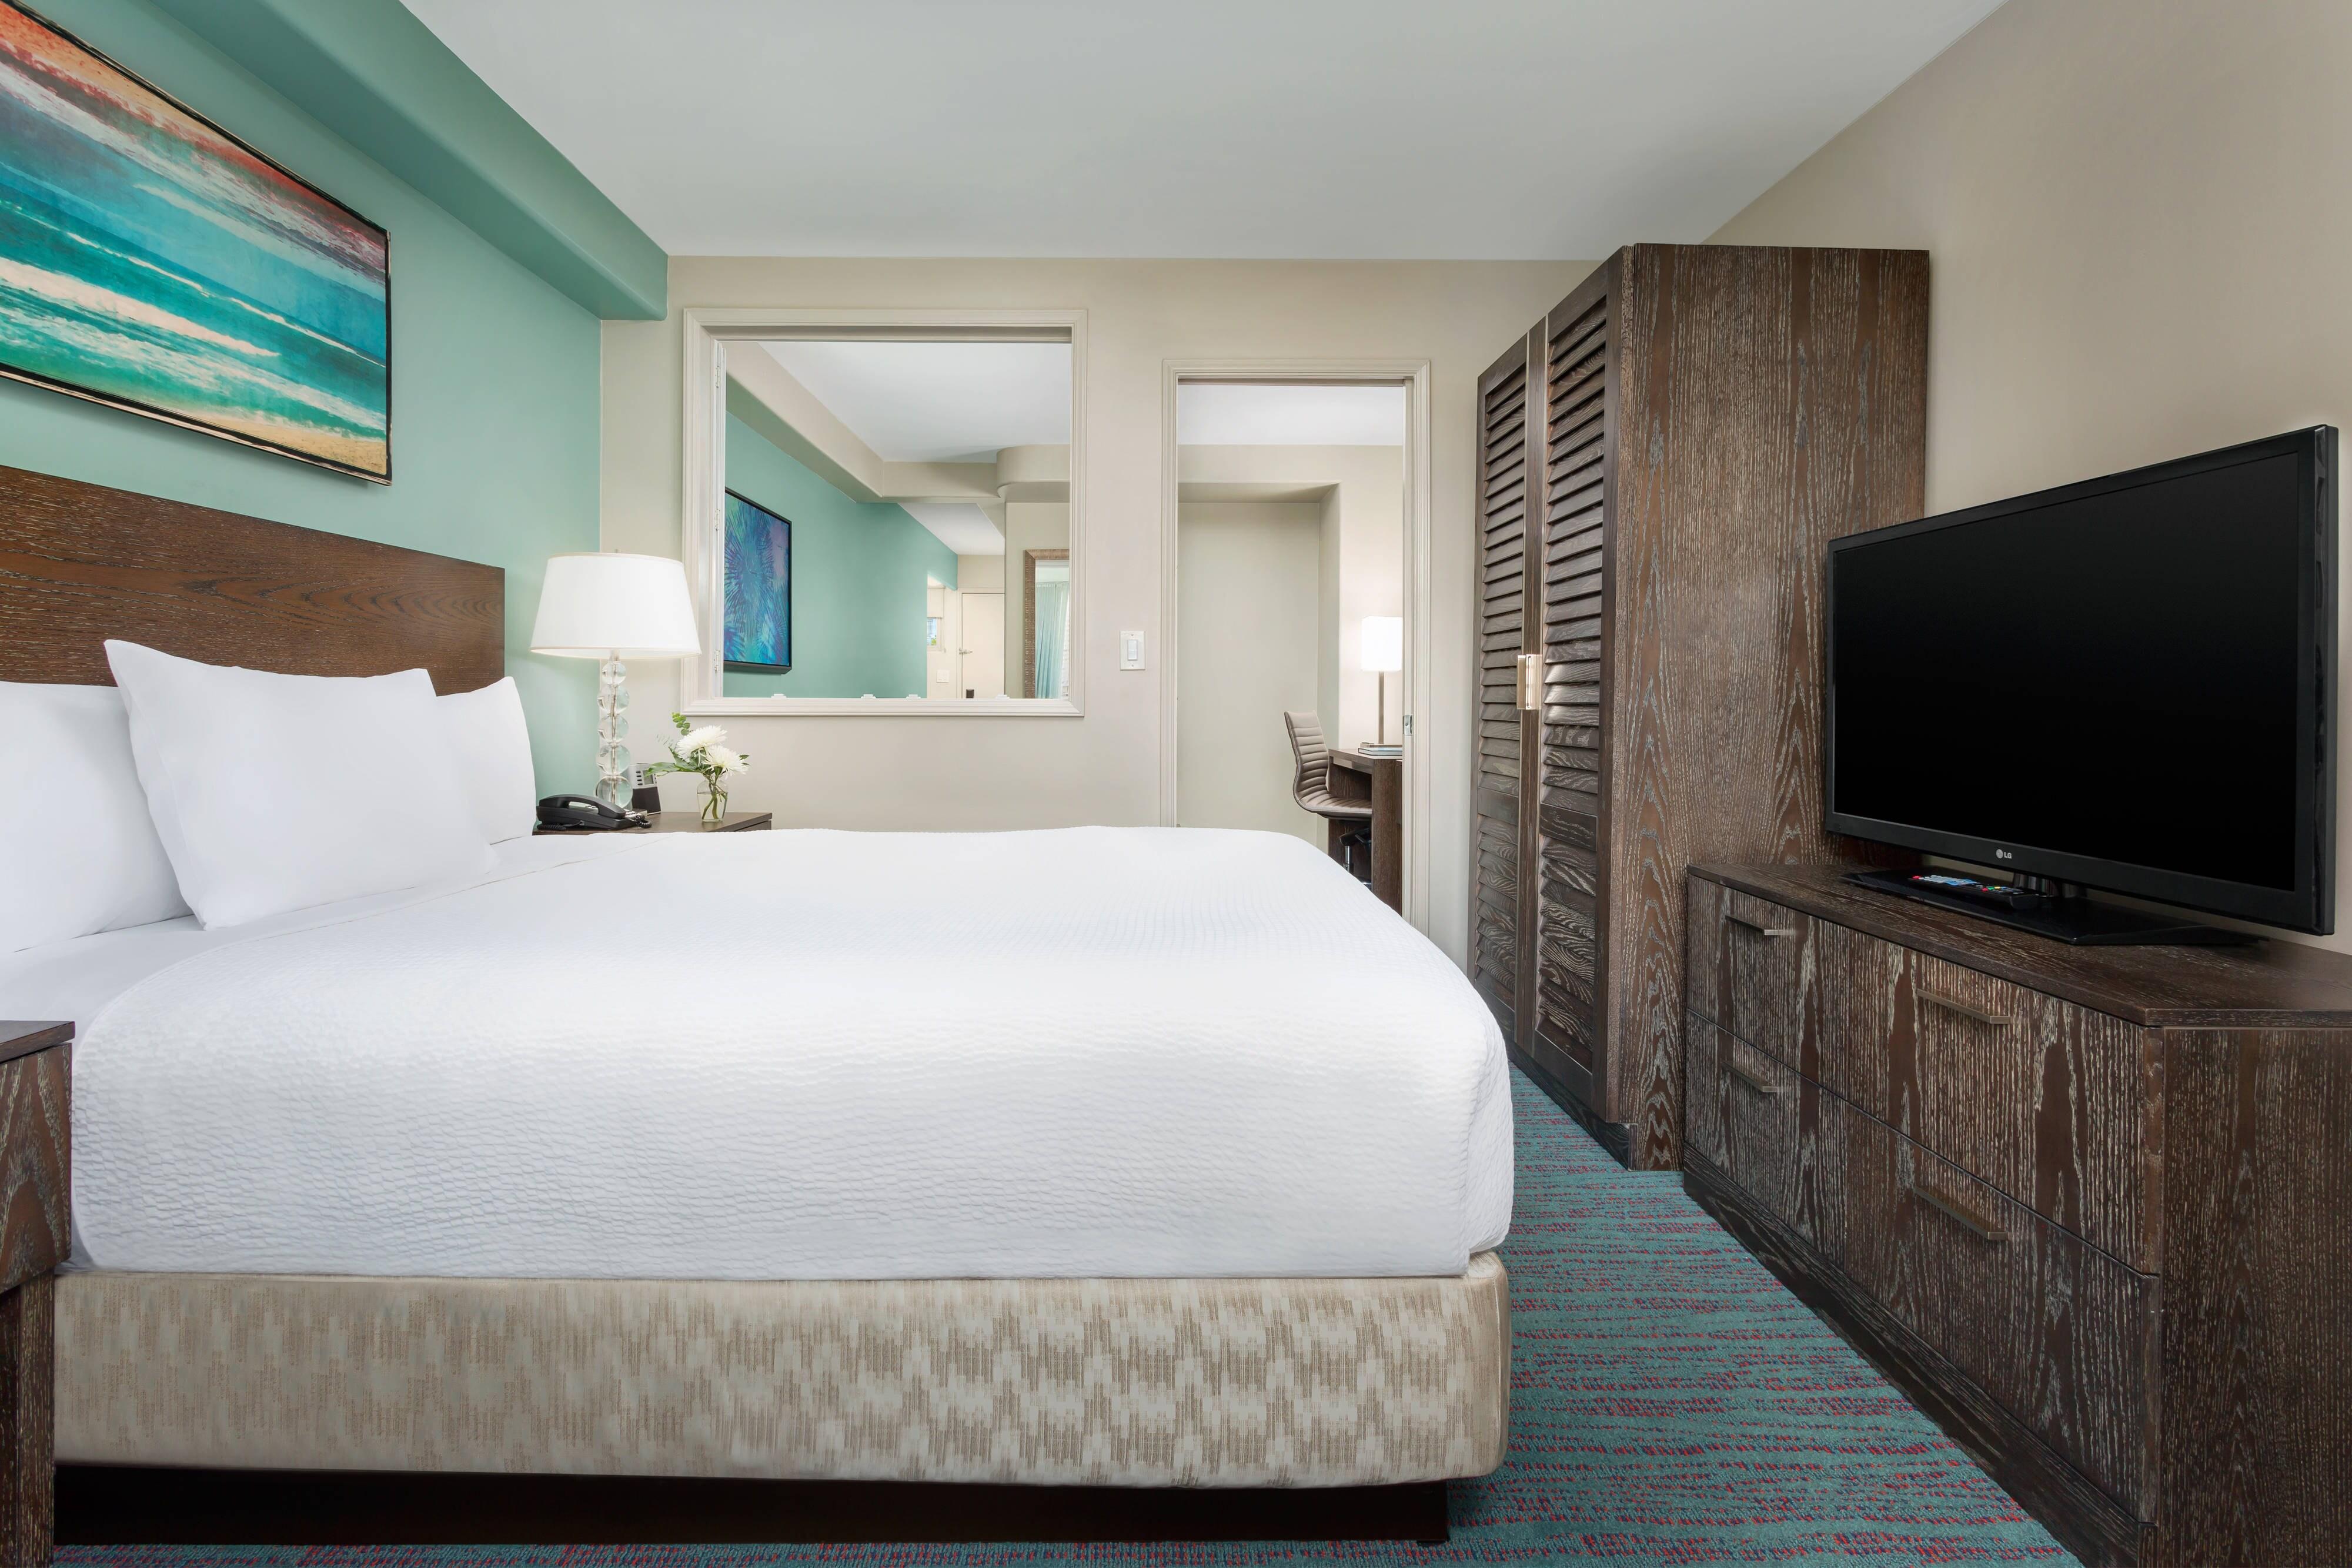 Waikiki One Bedroom Suite